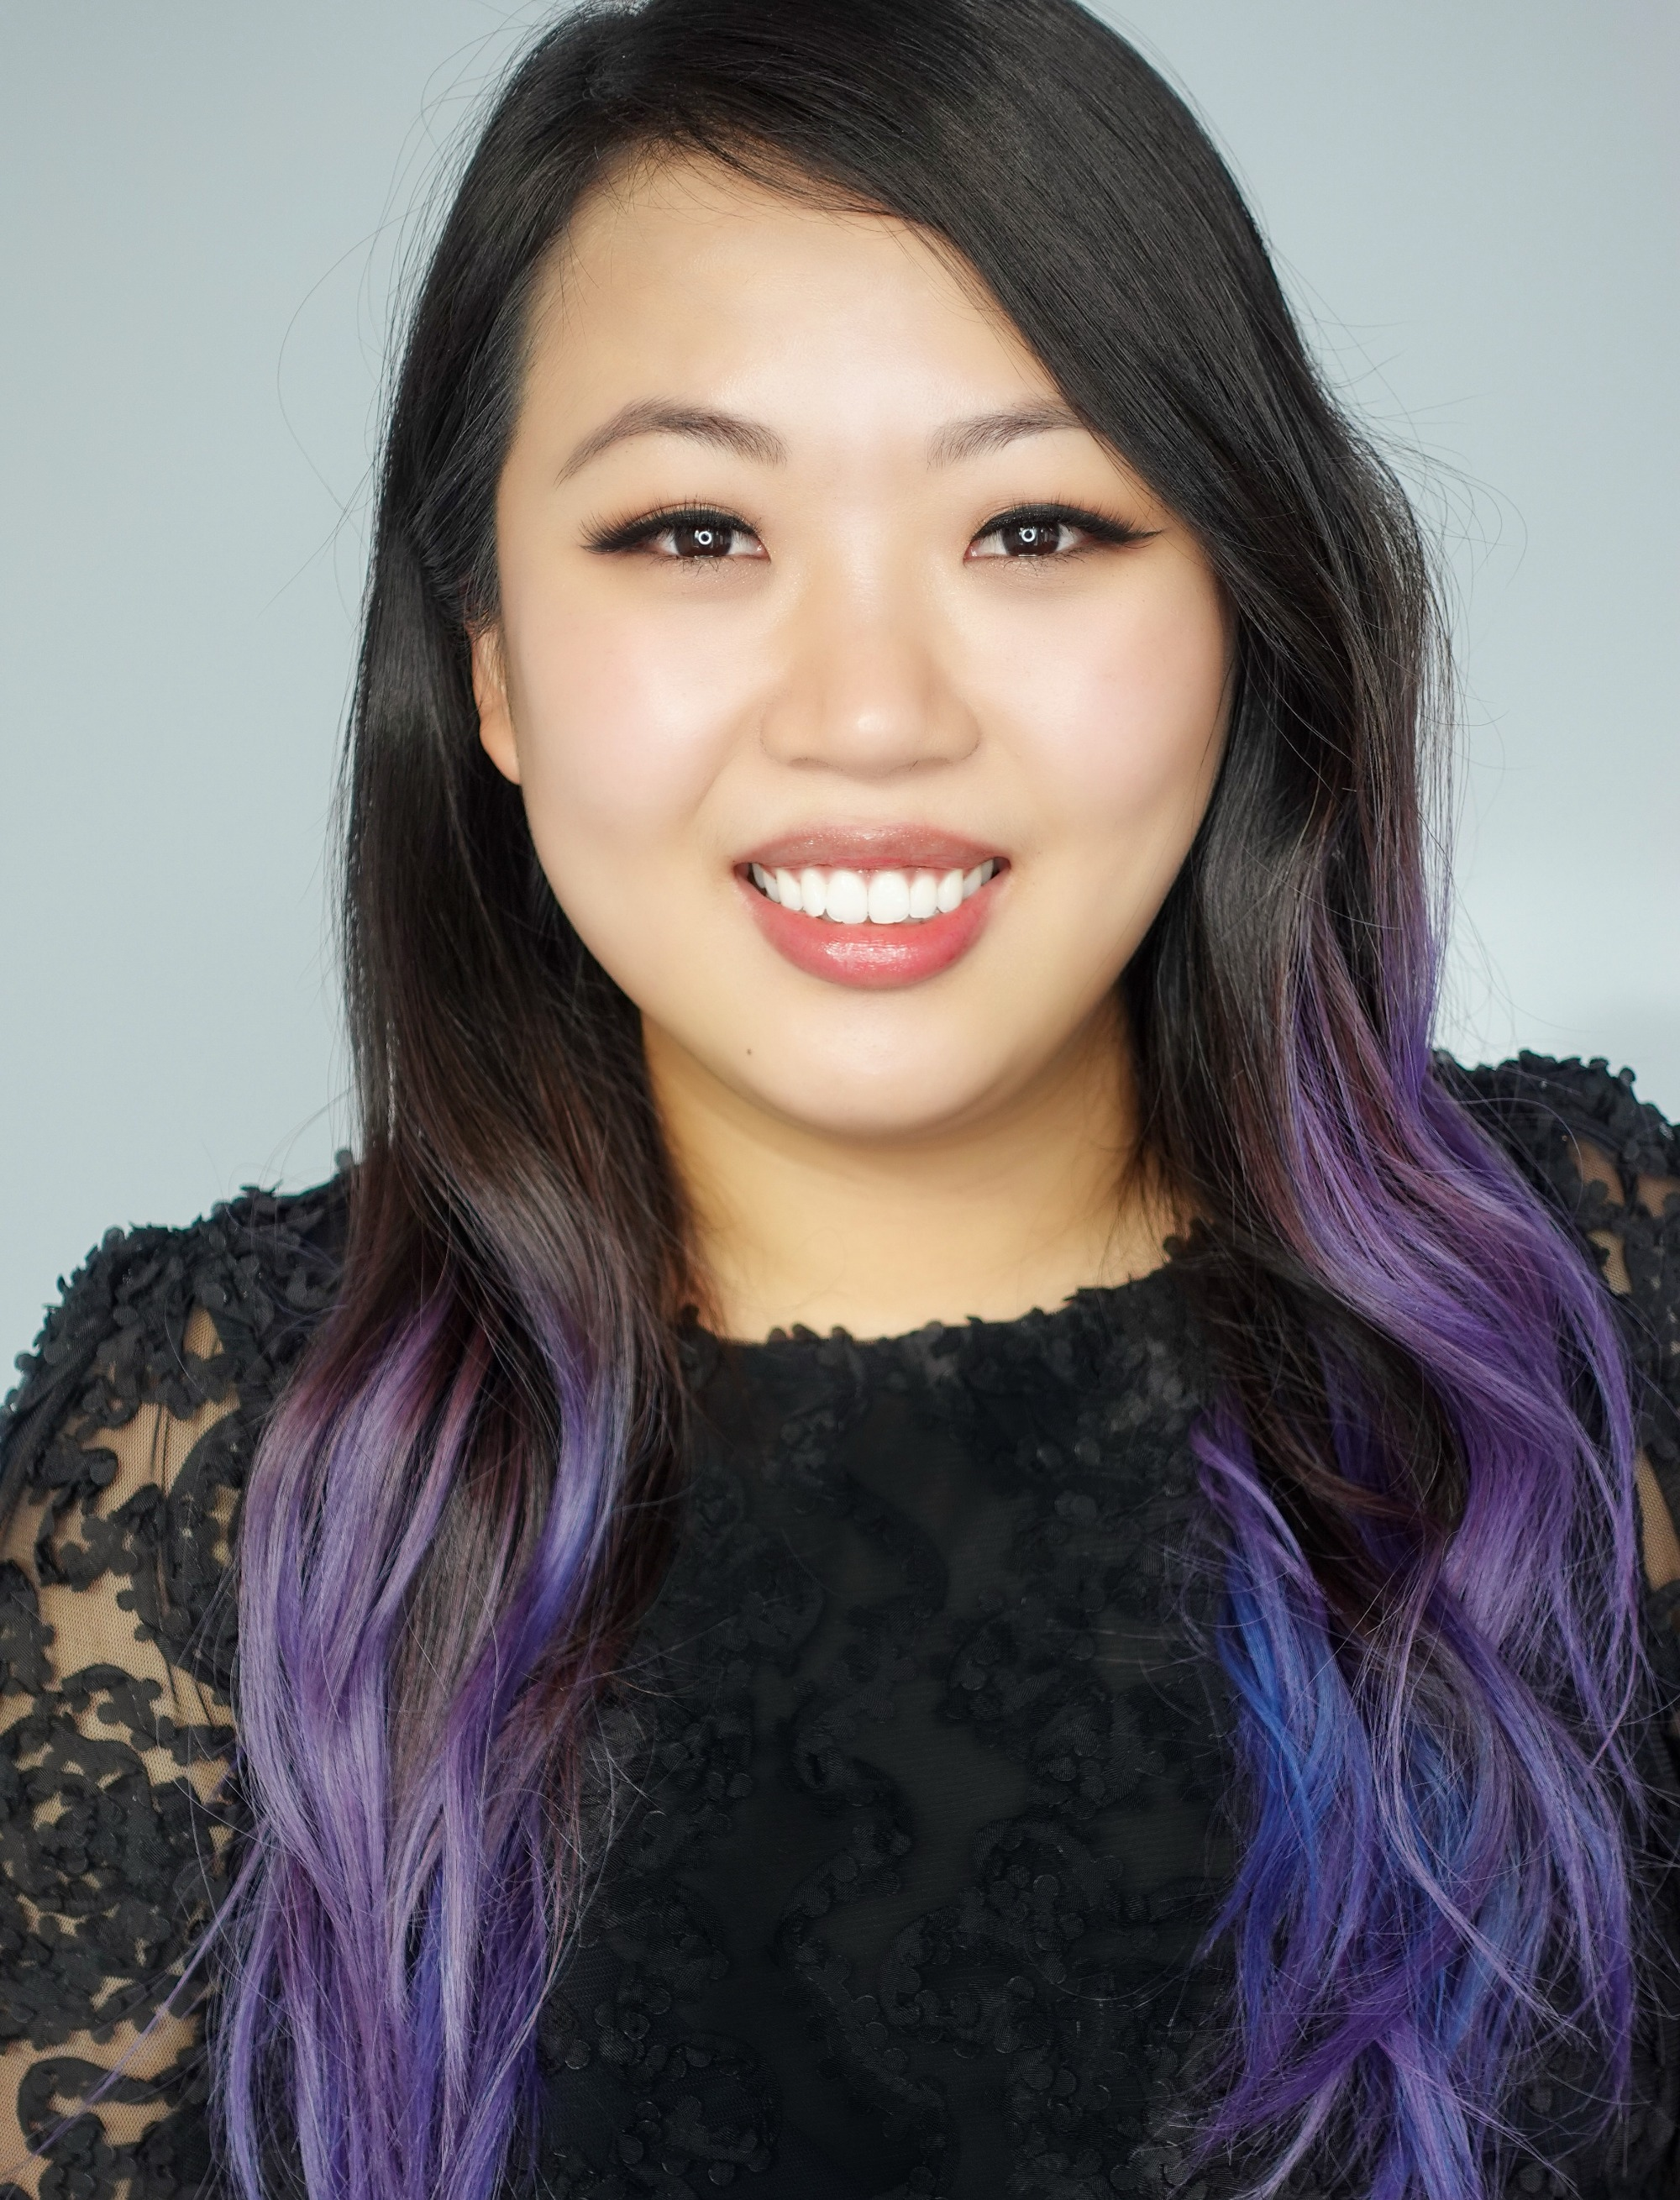 Sarah Hong